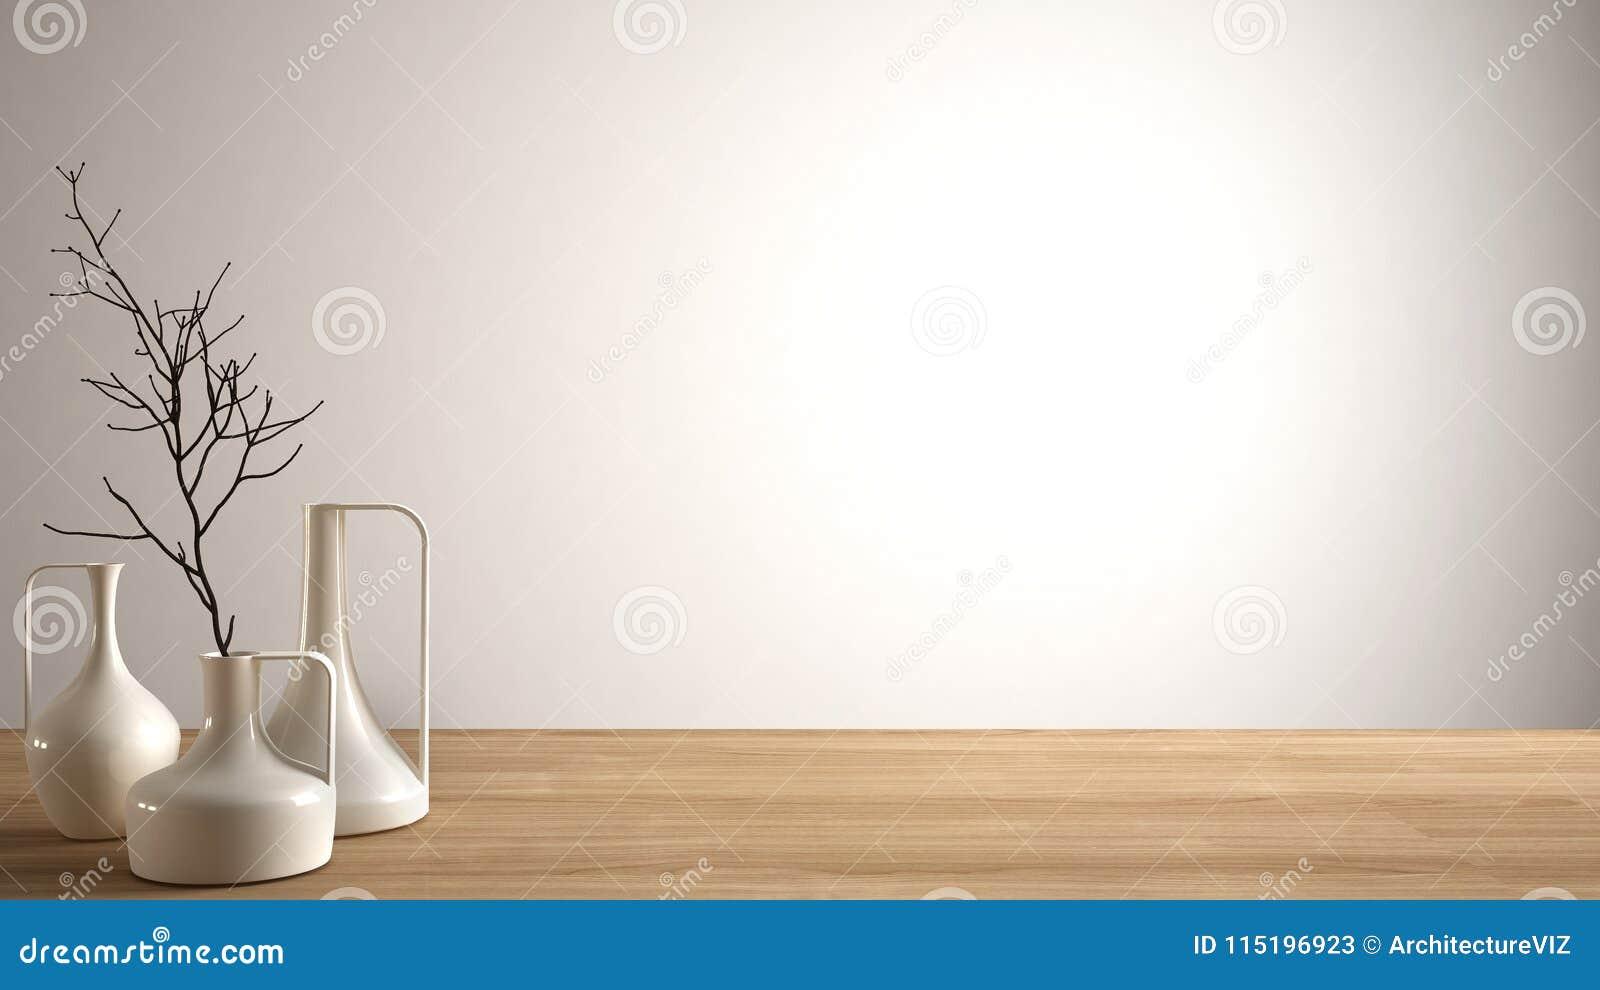 Tomt inredesignbegrepp, trätabell eller hylla med moderna minimalist vaser, vit arkitekturbakgrund